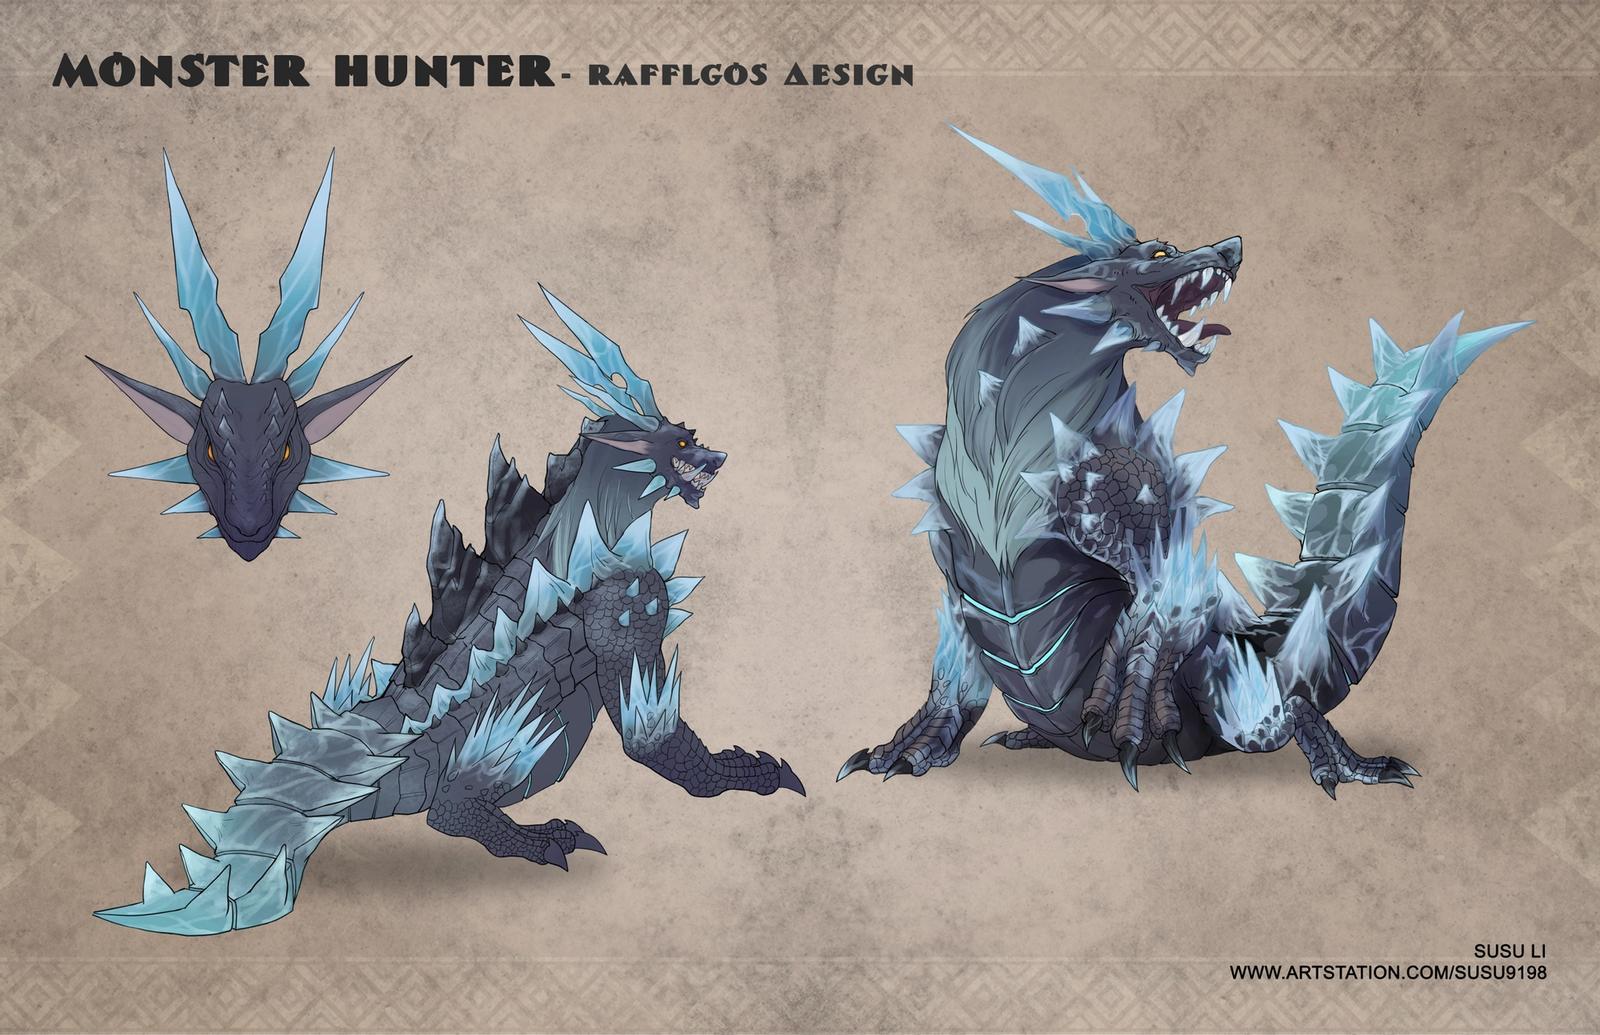 Rafflgos - Monster Hunter